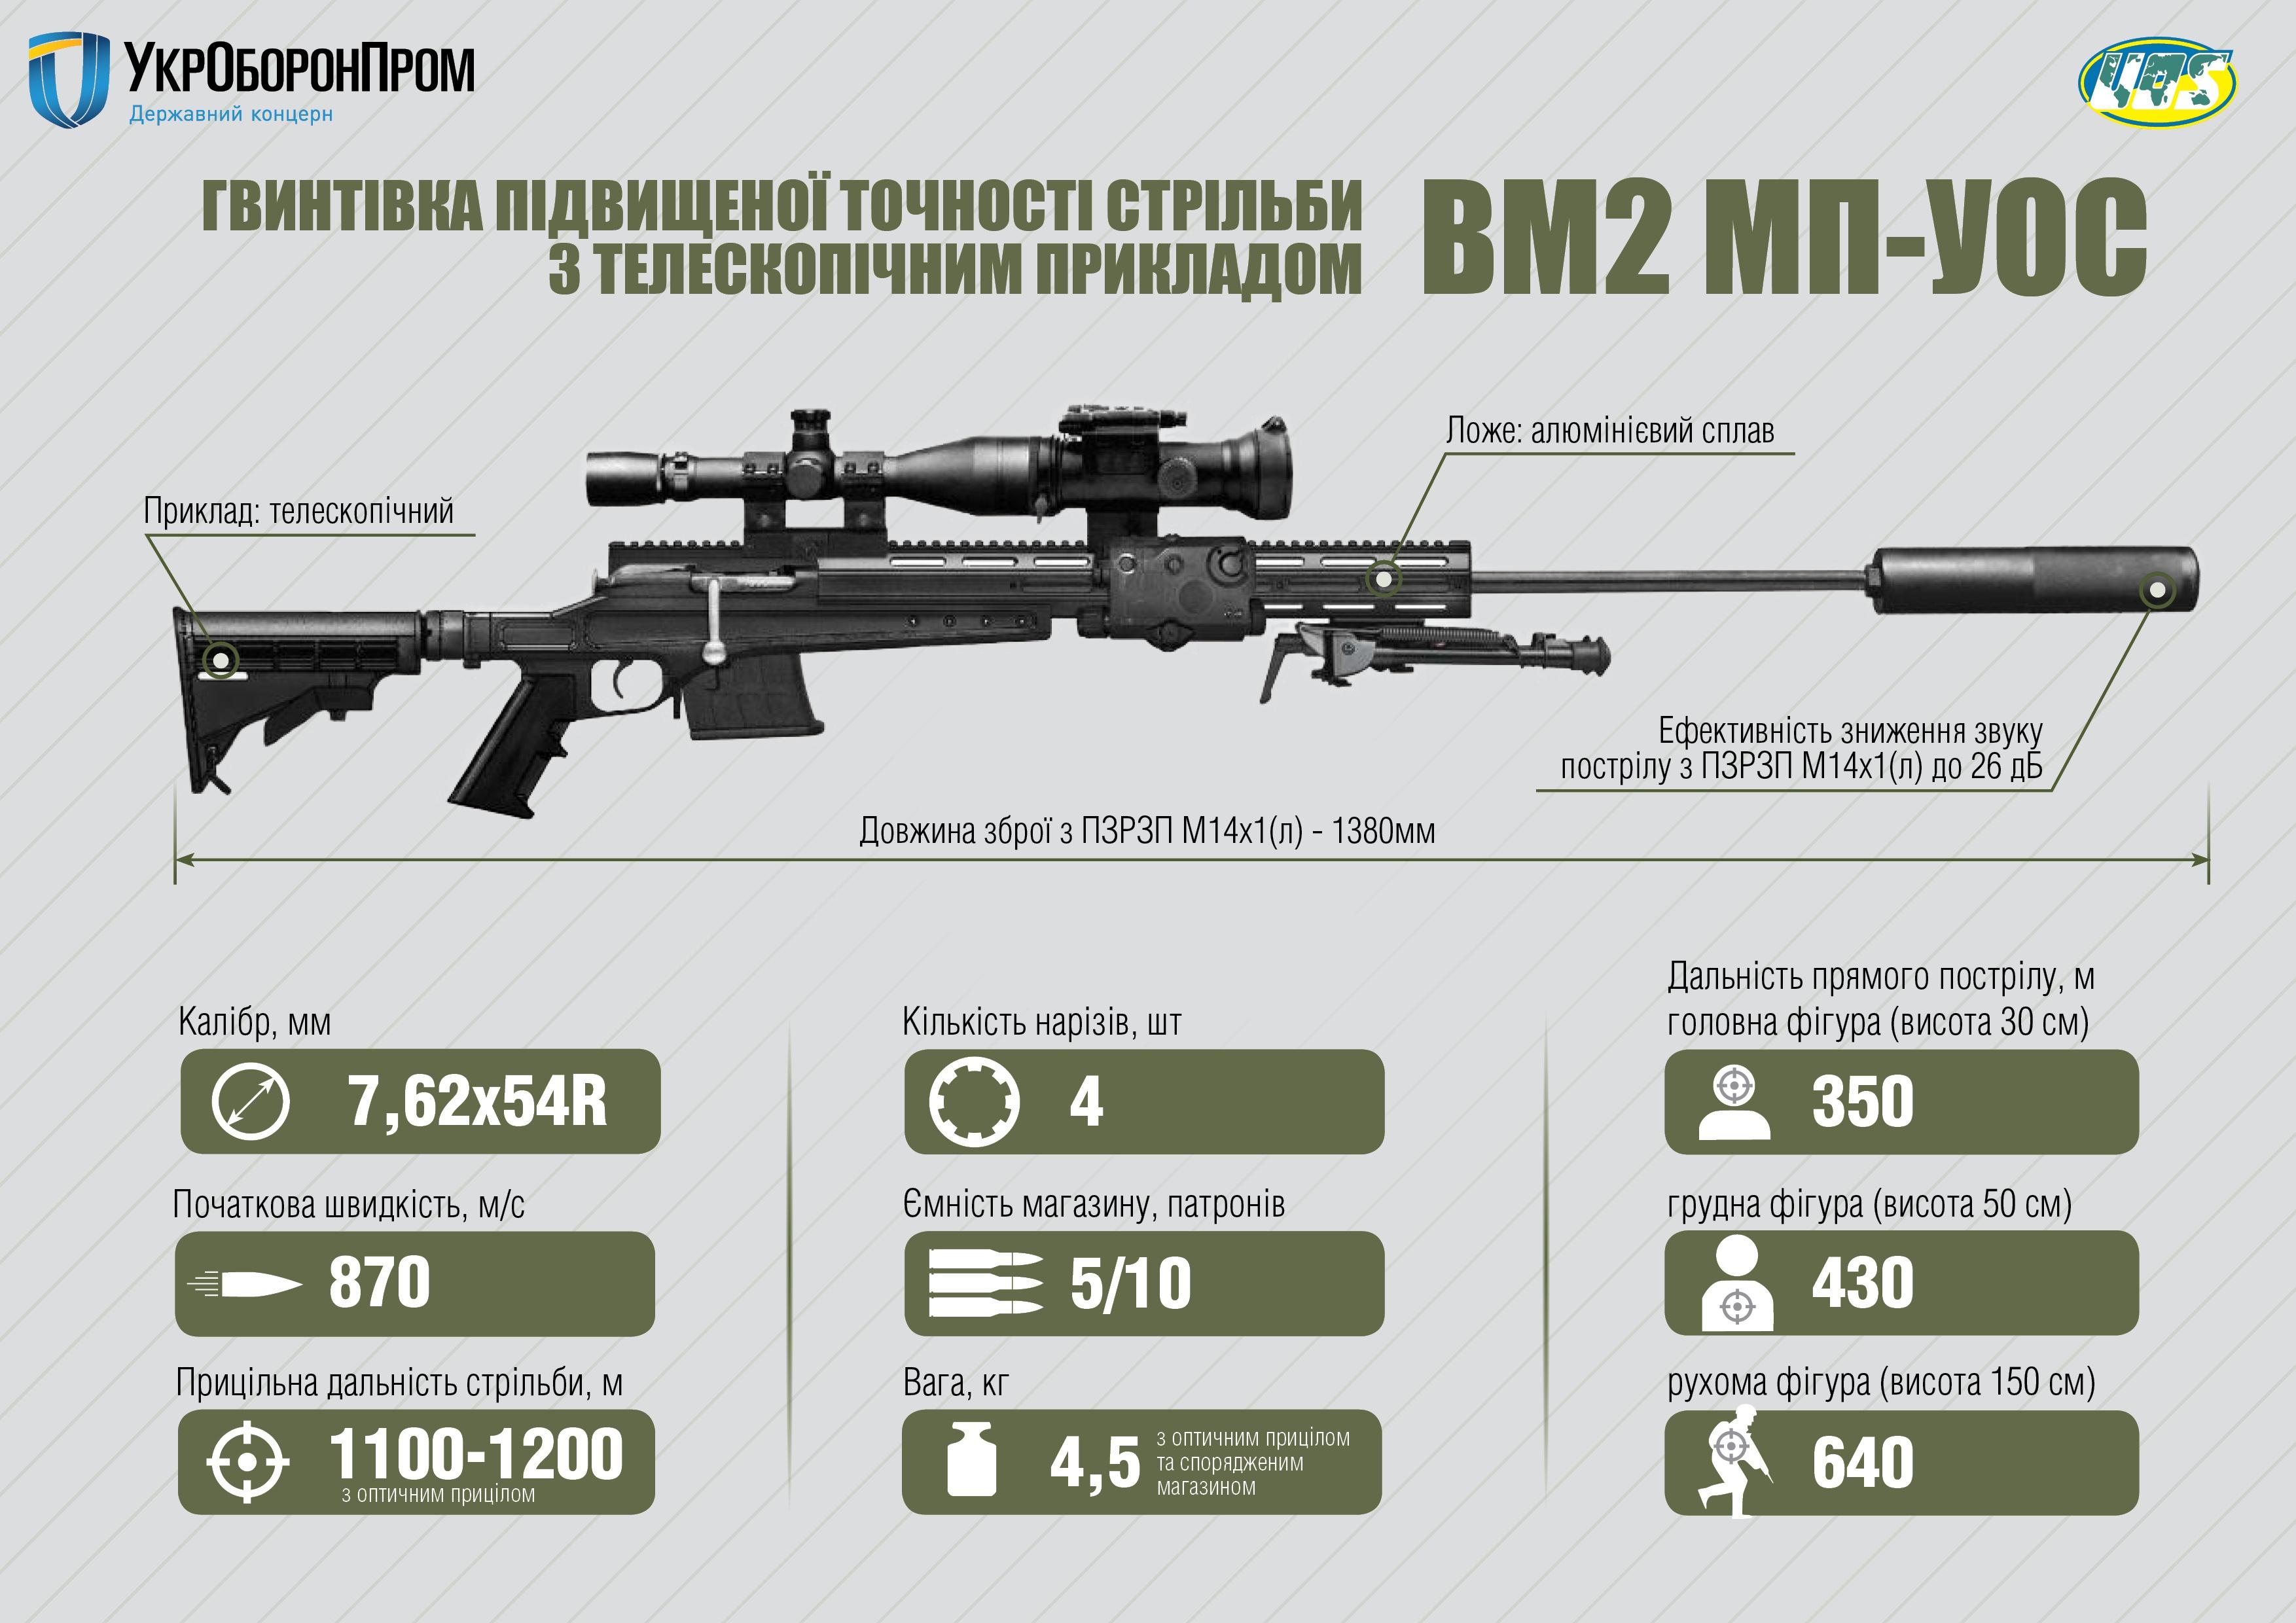 """""""Укроборонпром"""" модернізував легендарну гвинтівку Мосіна - фото 1"""